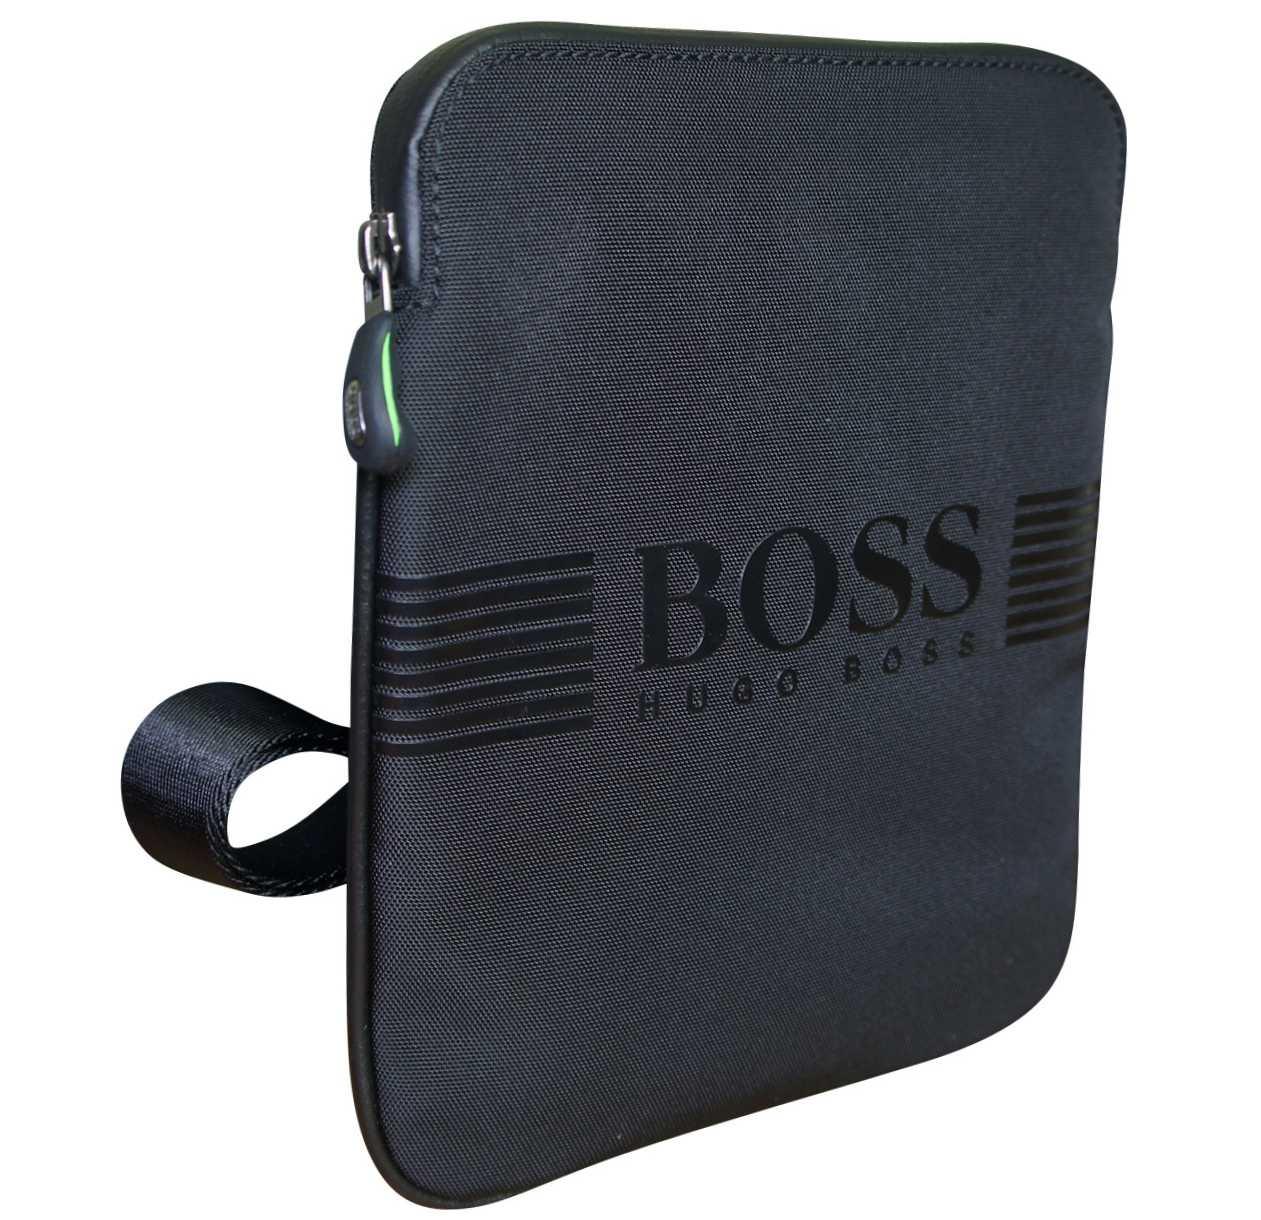 Sacoche Hugo Boss   comment parvenir à faire le bon choix   8a0b534e1e5